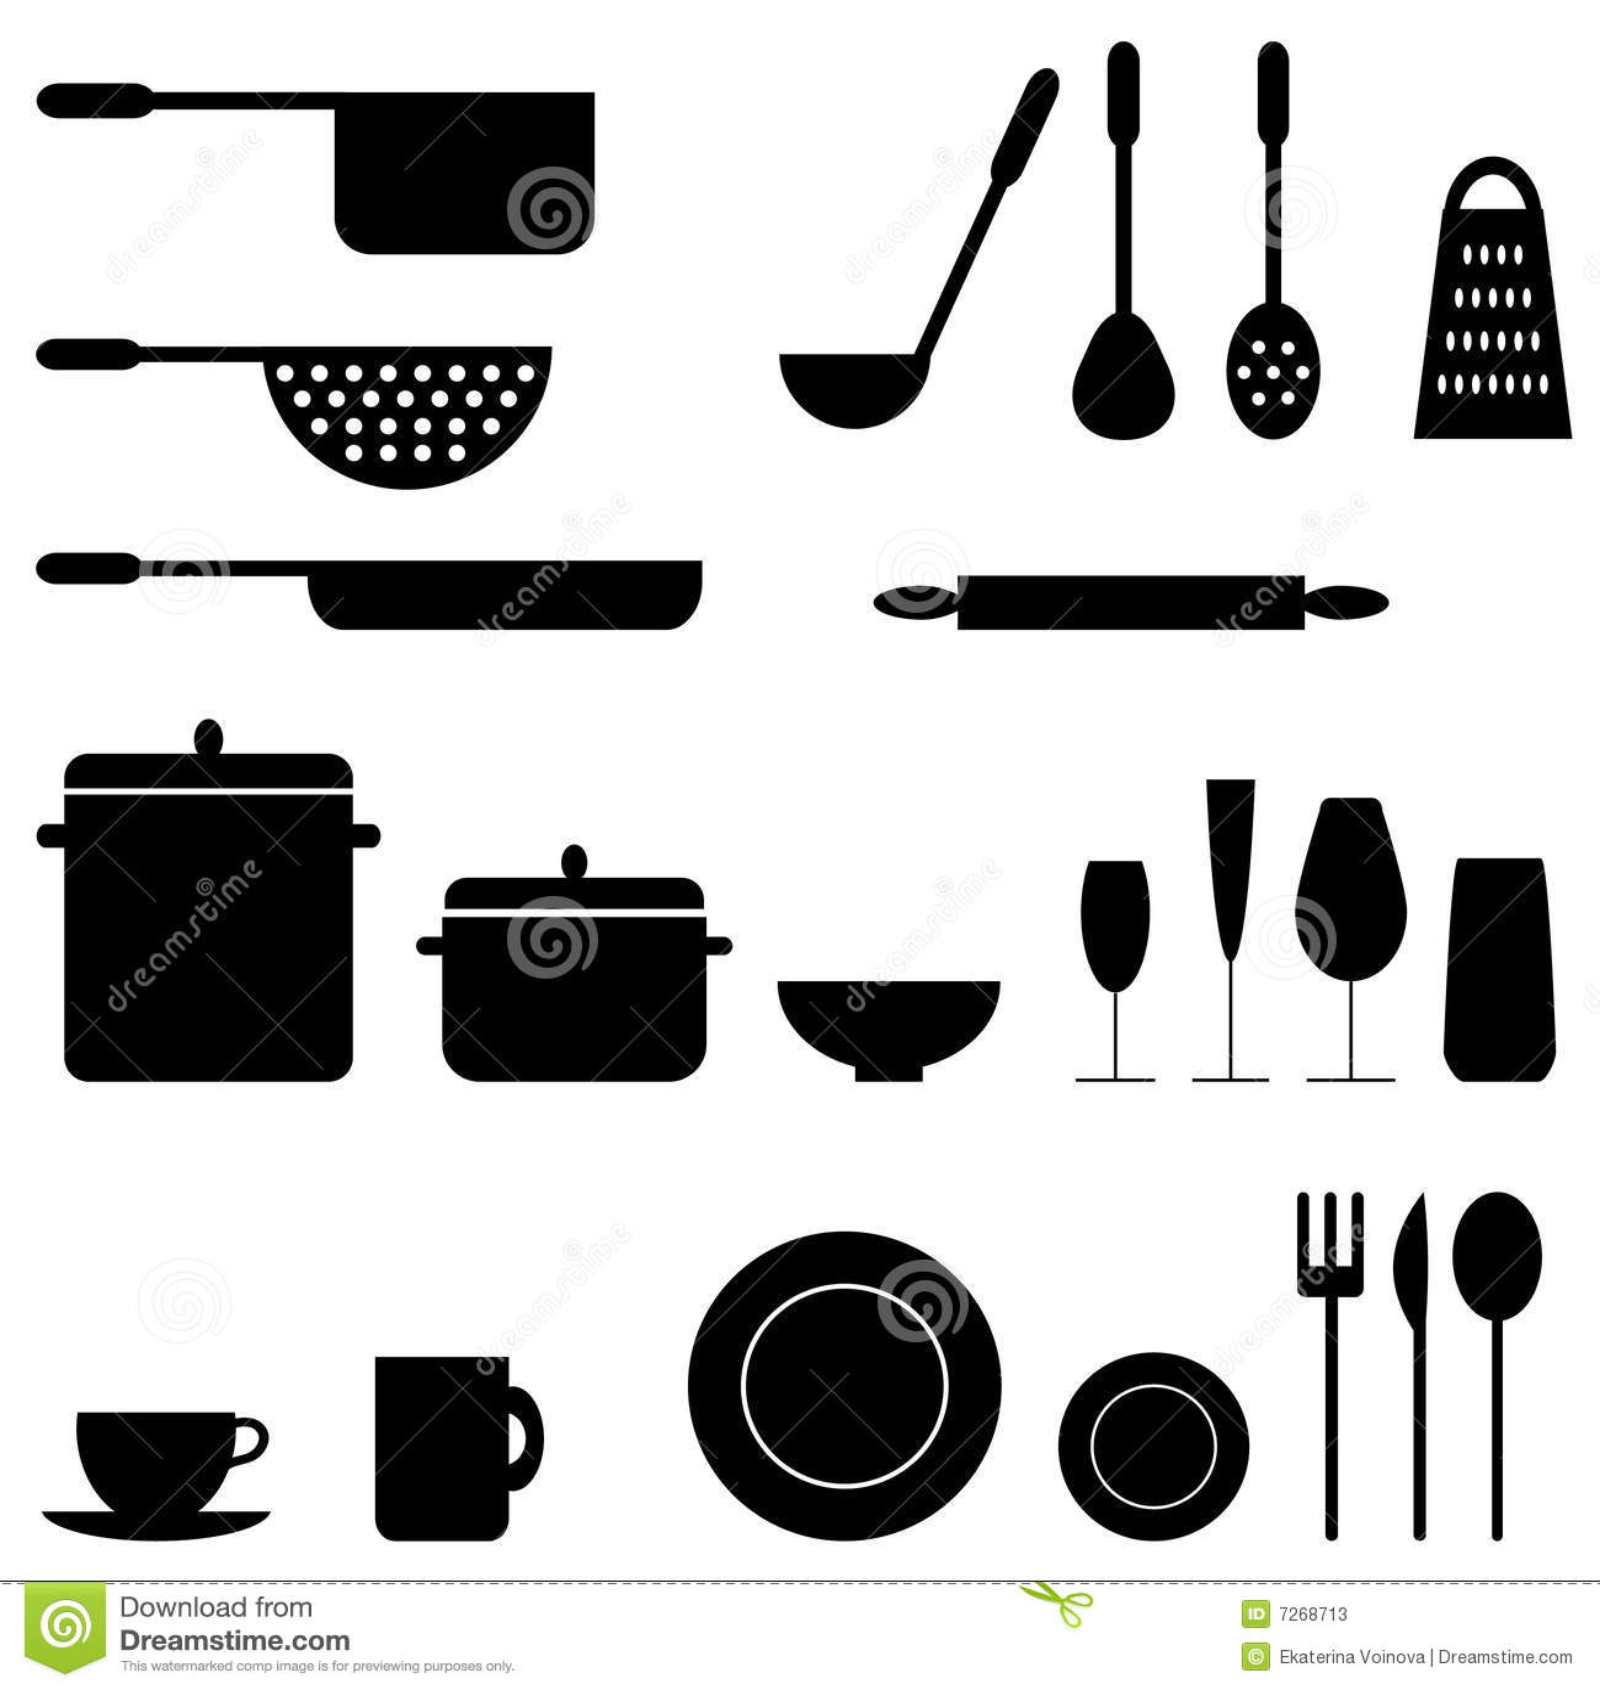 Utensilios de cocina ilustraci n del vector imagen de for Utensilios medidores cocina